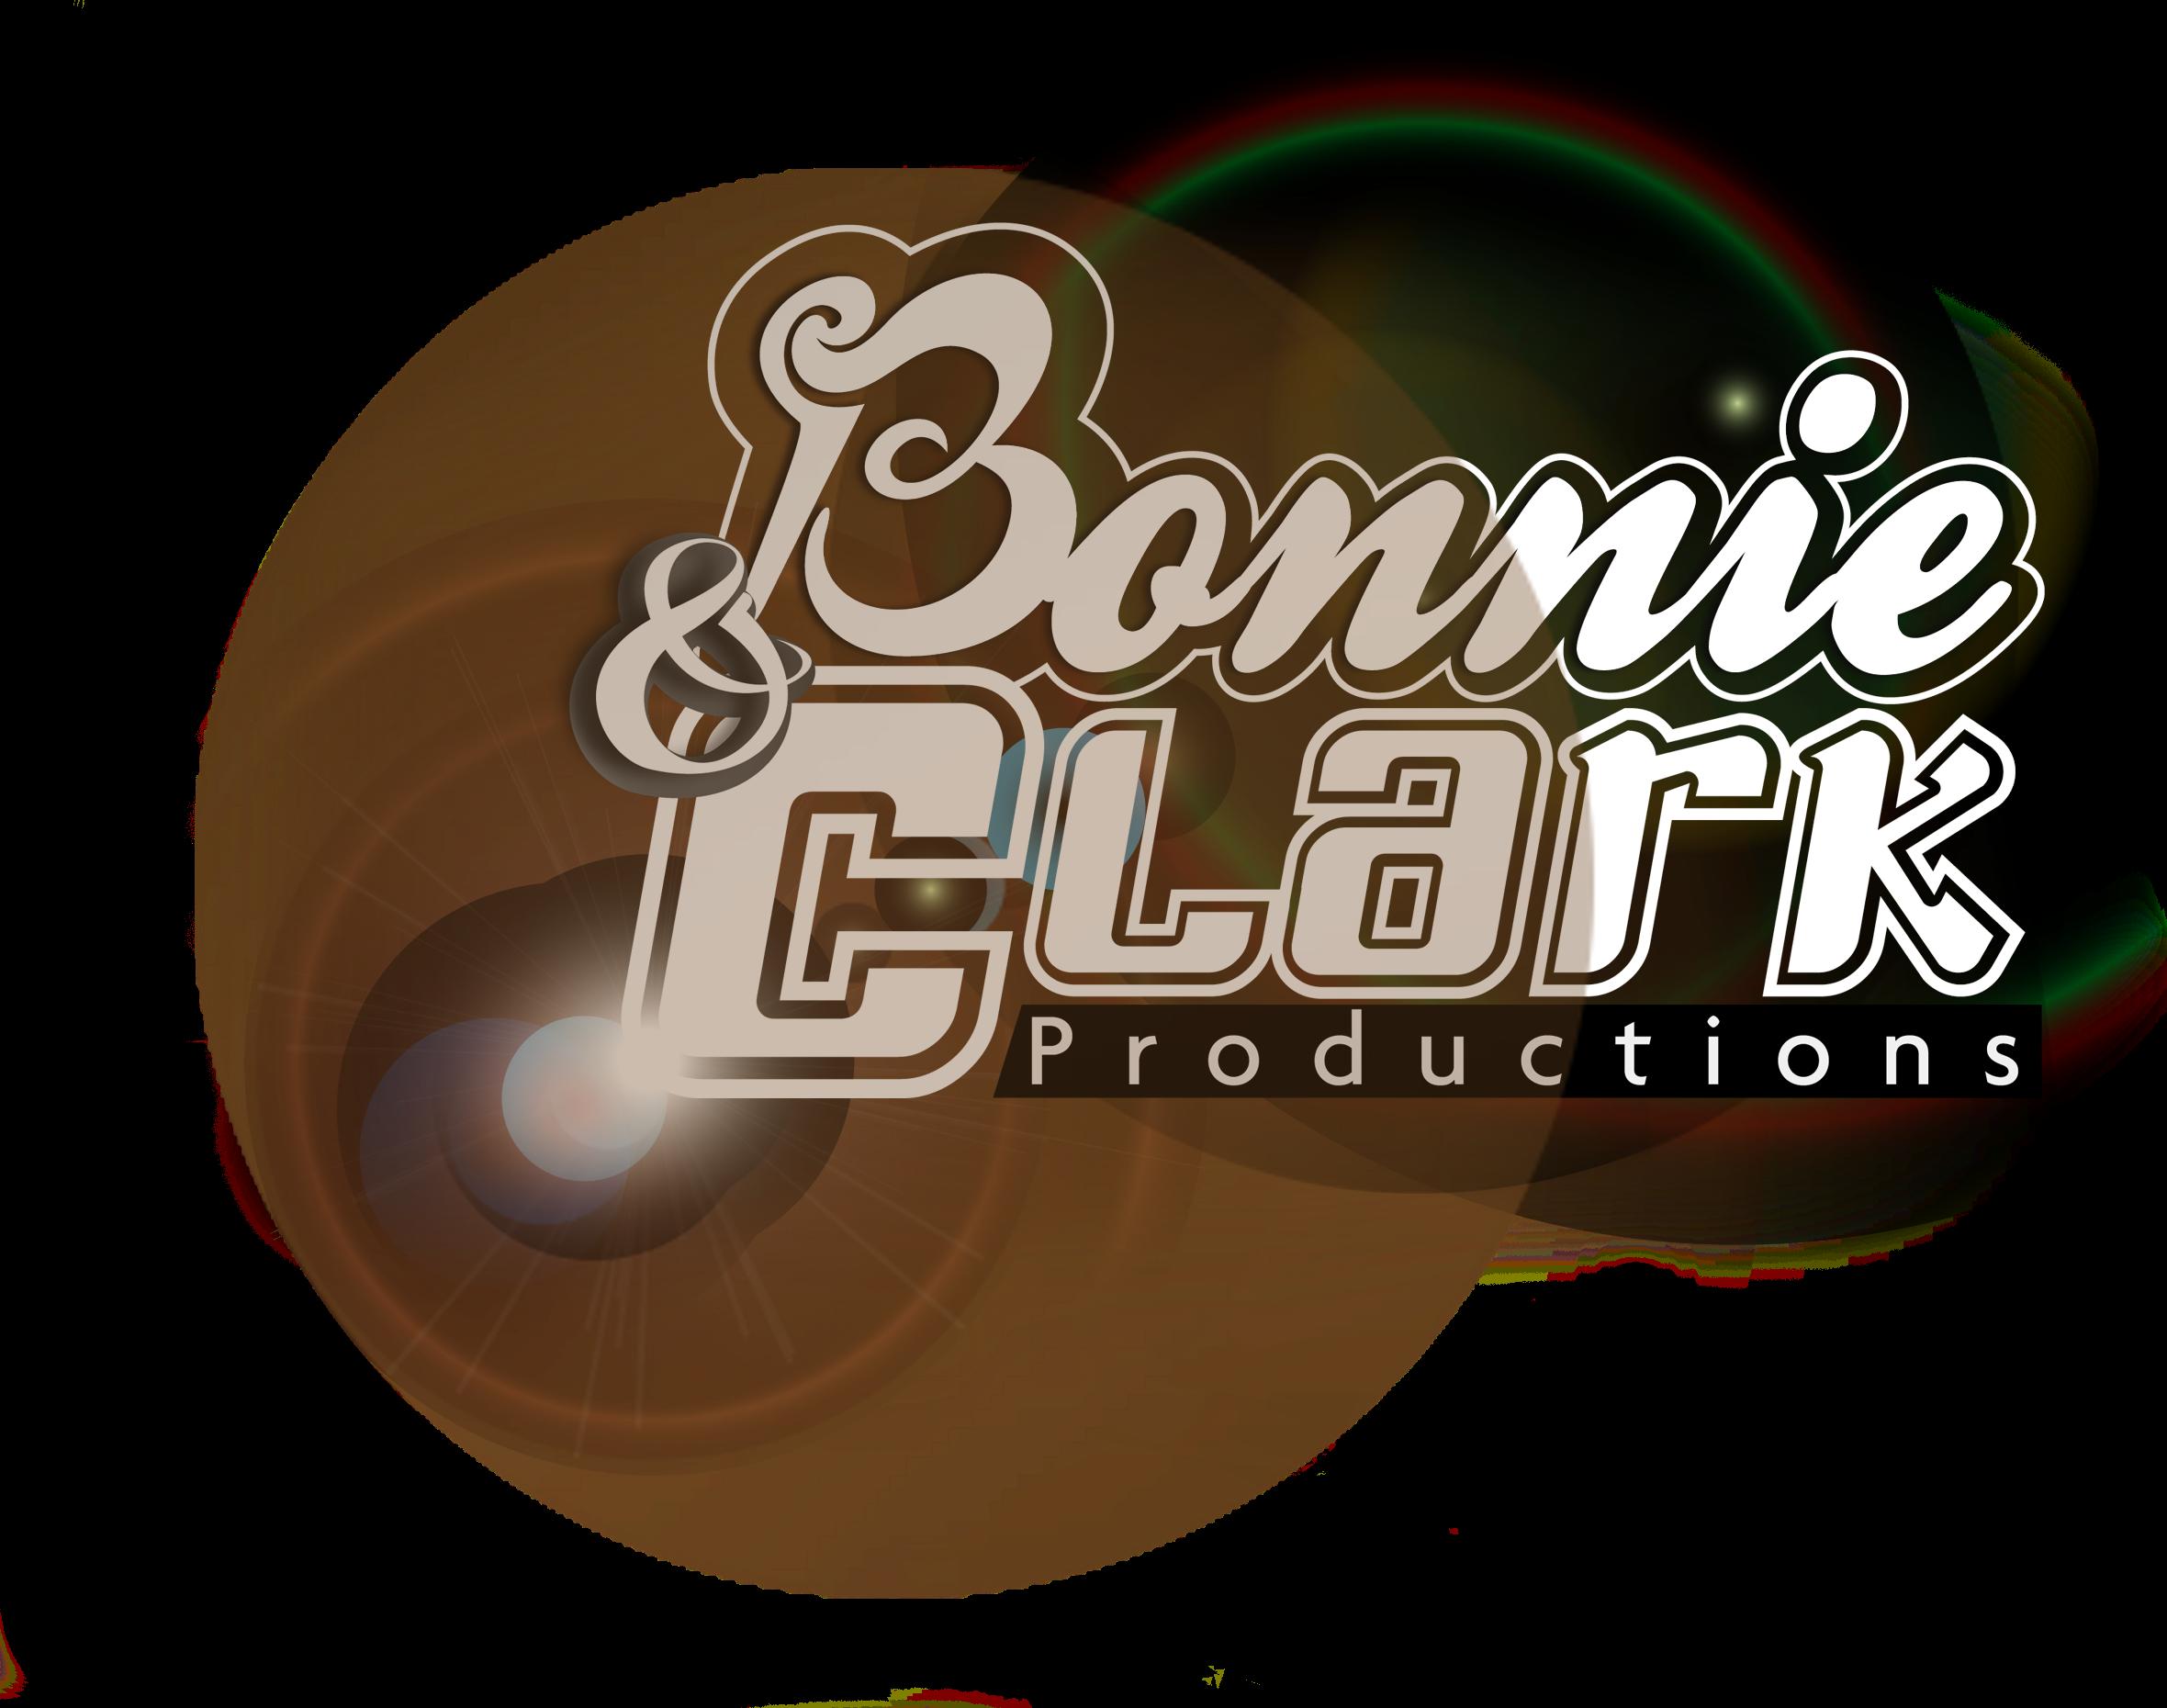 logo Bonny & Clarck